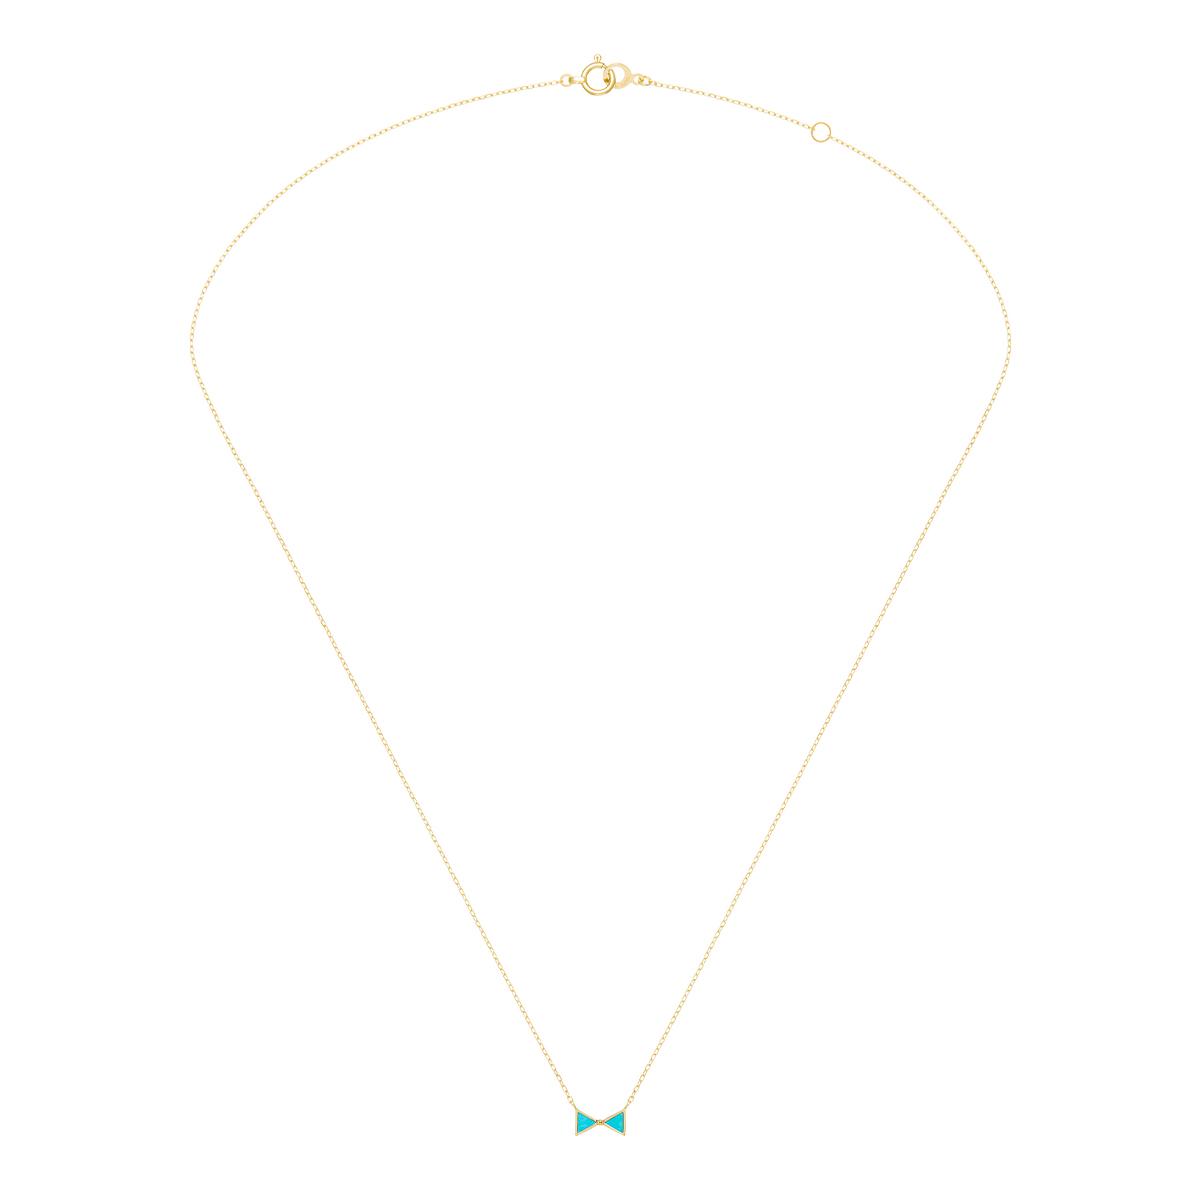 セブロンカラー(ブルー) ネックレス